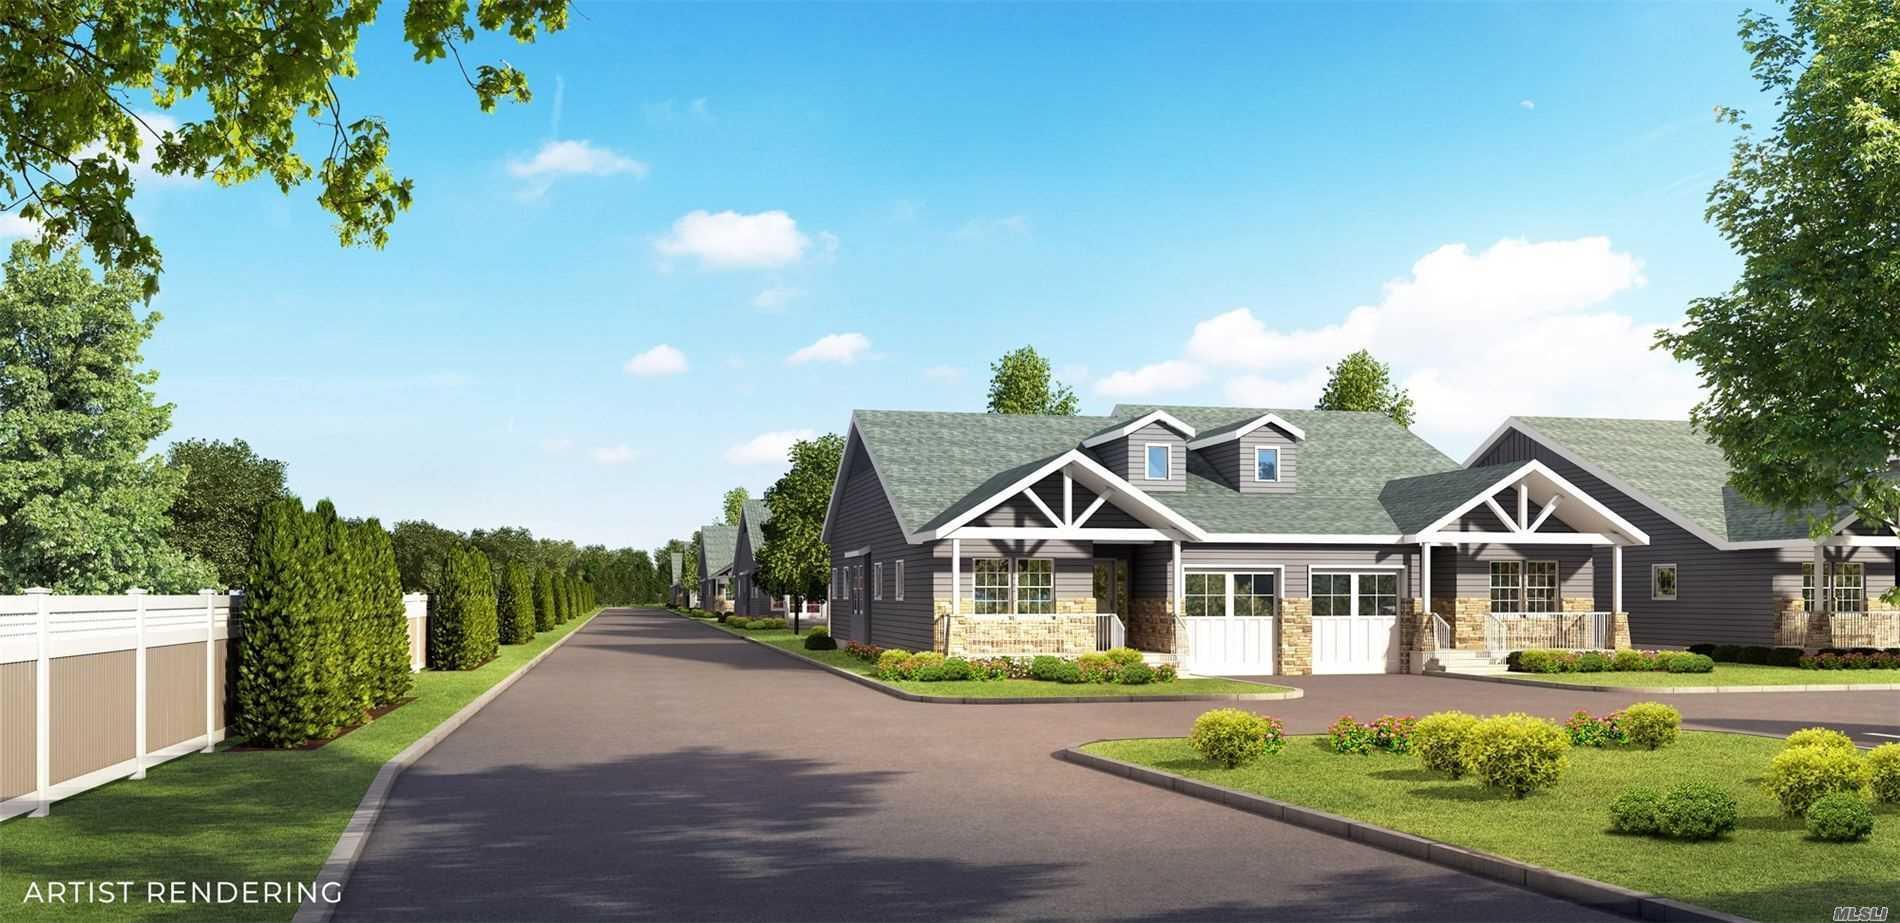 Property for sale at 1330 Smithtown Avenue # 13, Bohemia NY 11716, Bohemia,  New York 11716